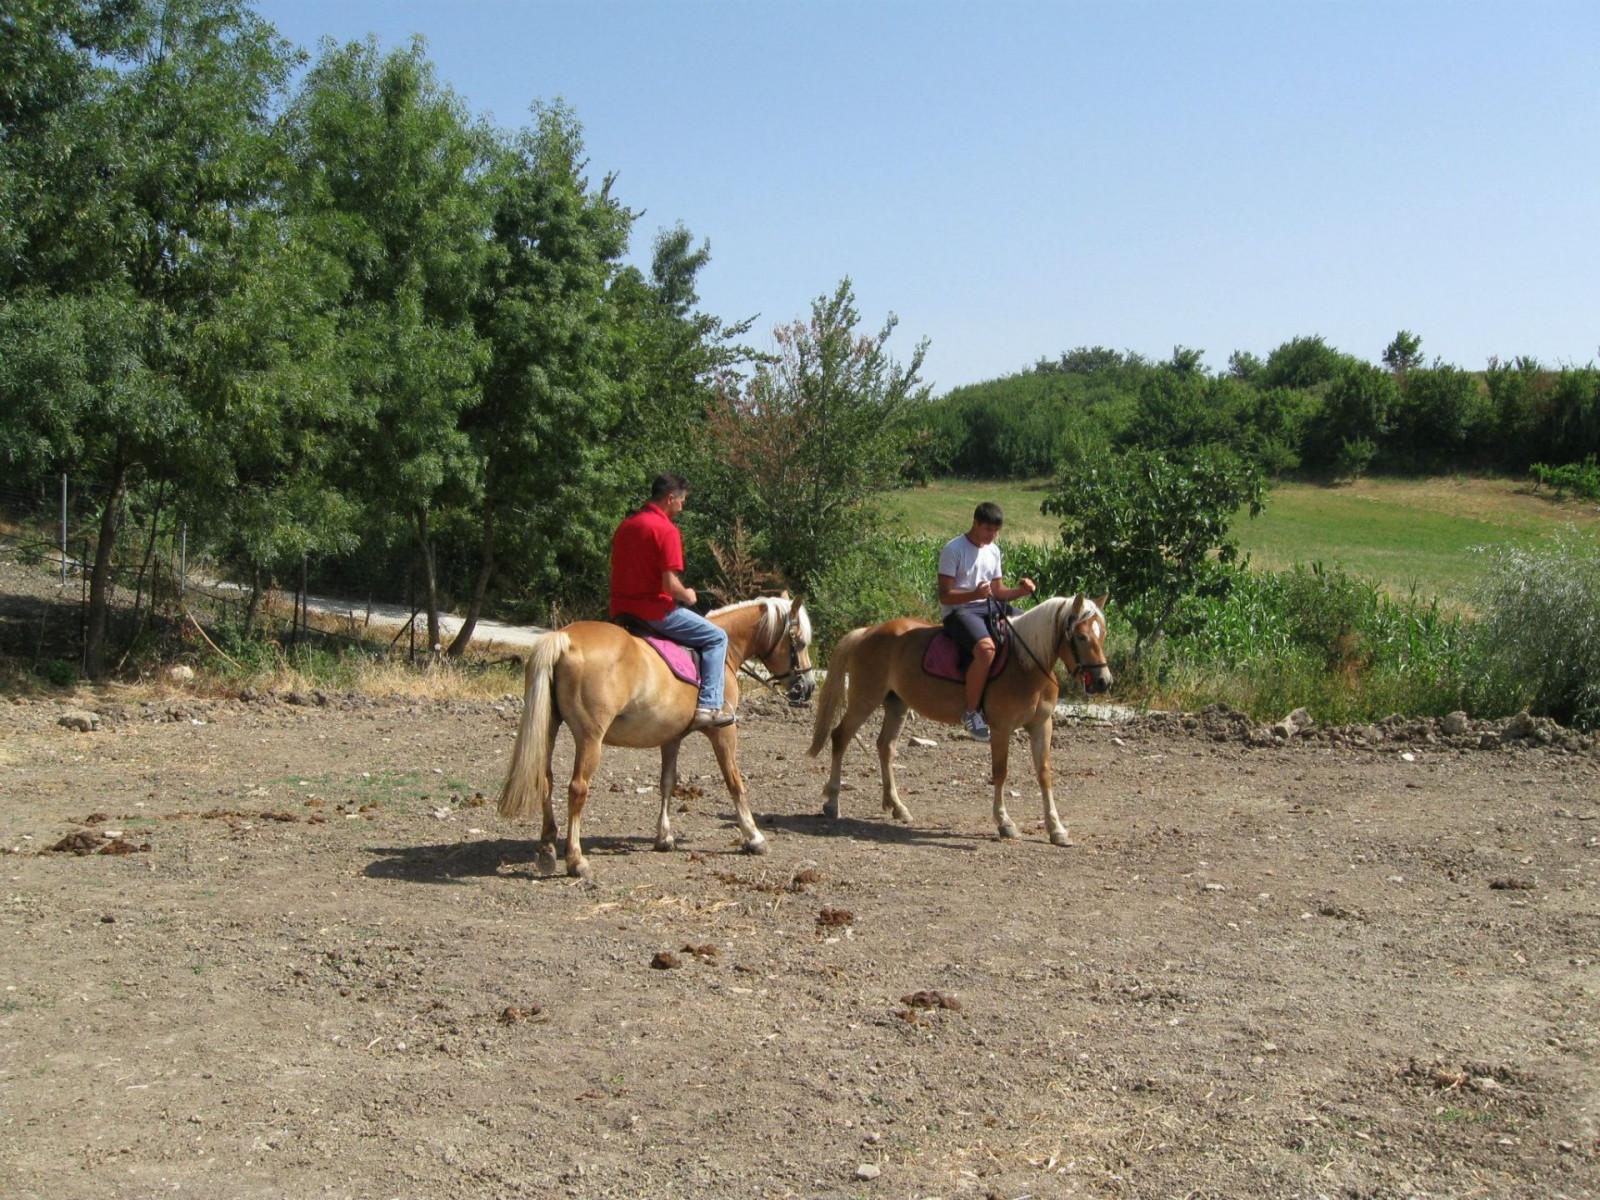 Passeggiata a cavallo sull'Appennino campano